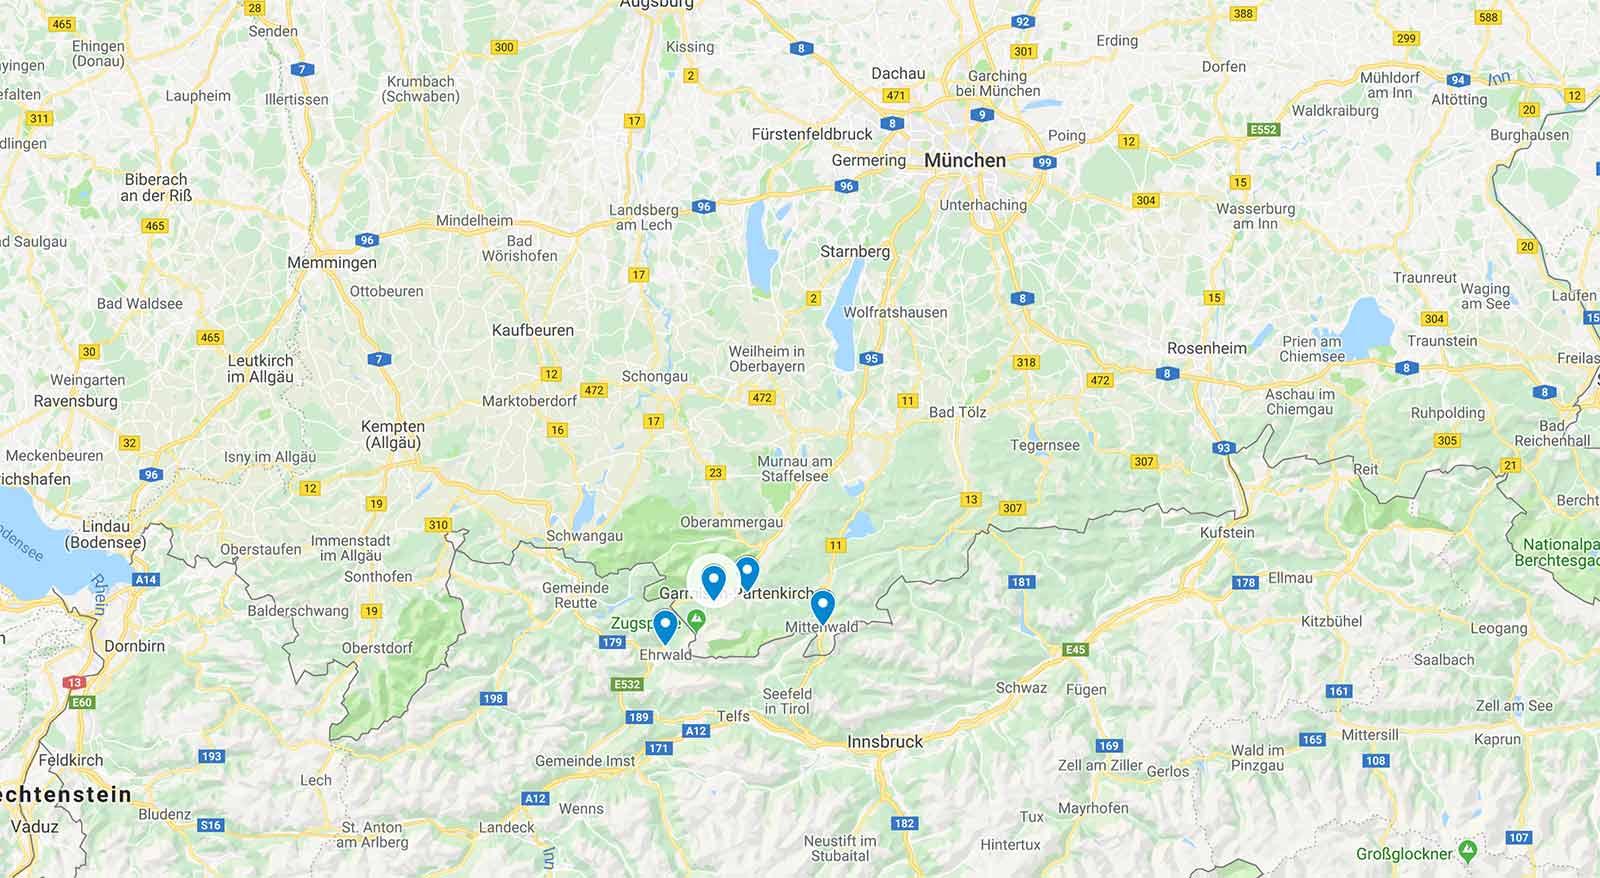 top_snow_card_zugspitze_ski_saisonkarte_2021-2022_Skigebiete_uebersicht